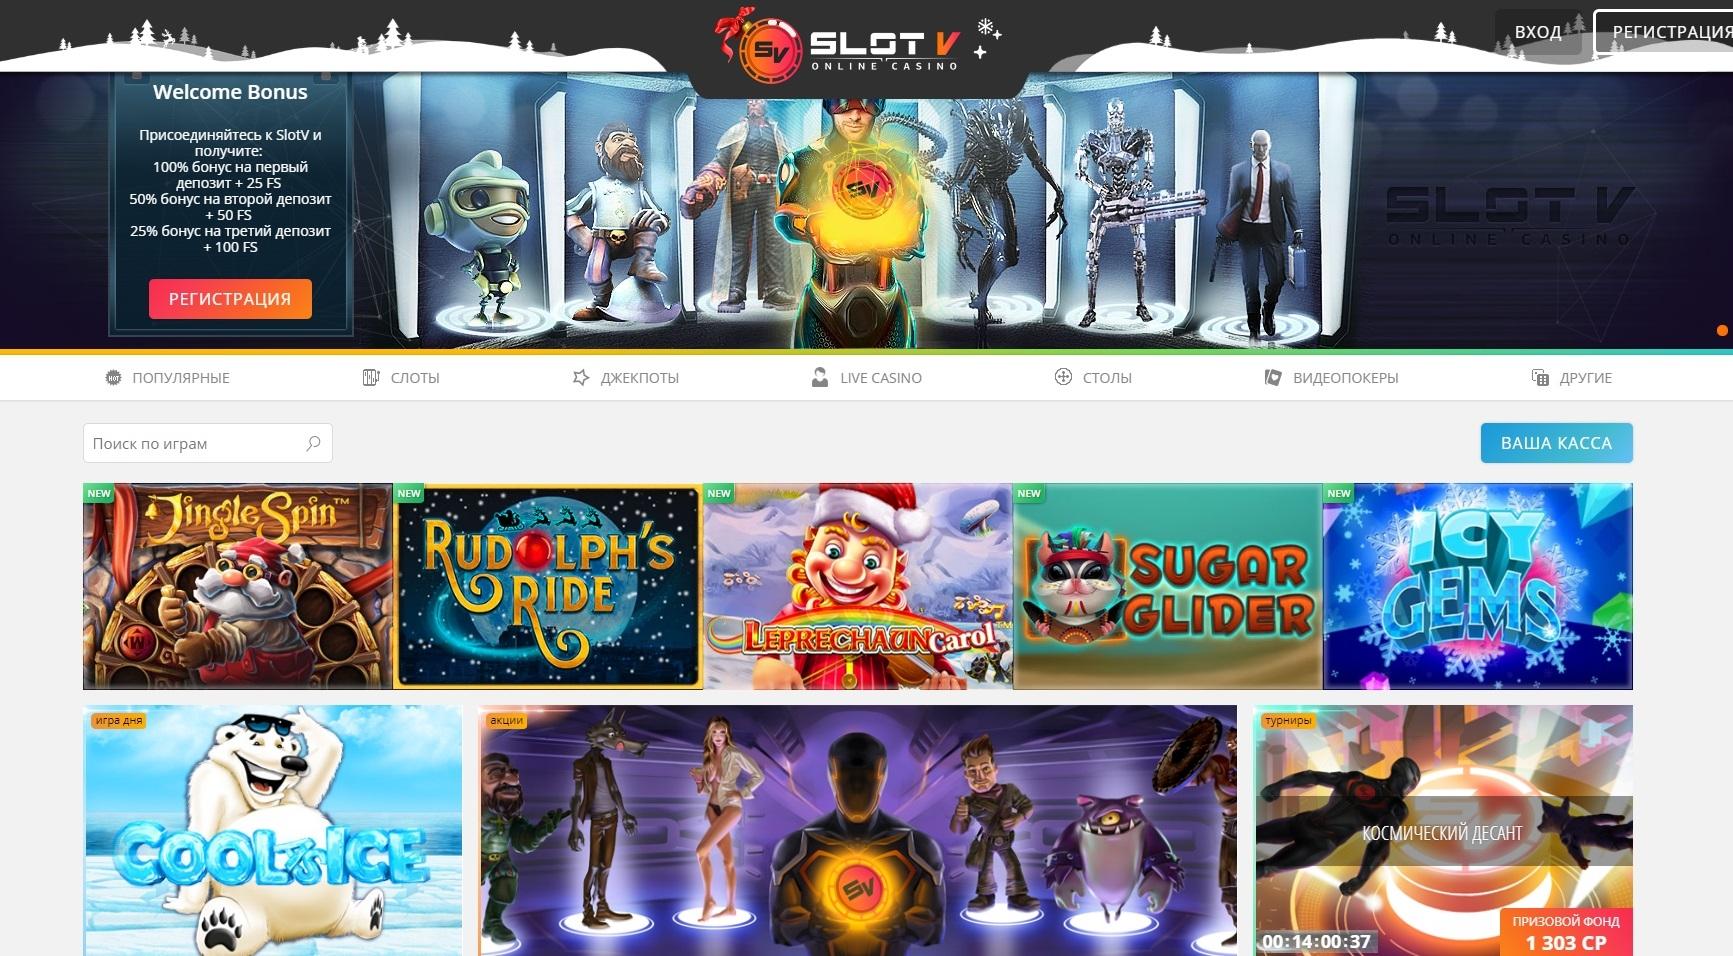 казино slotv доступ к сайту